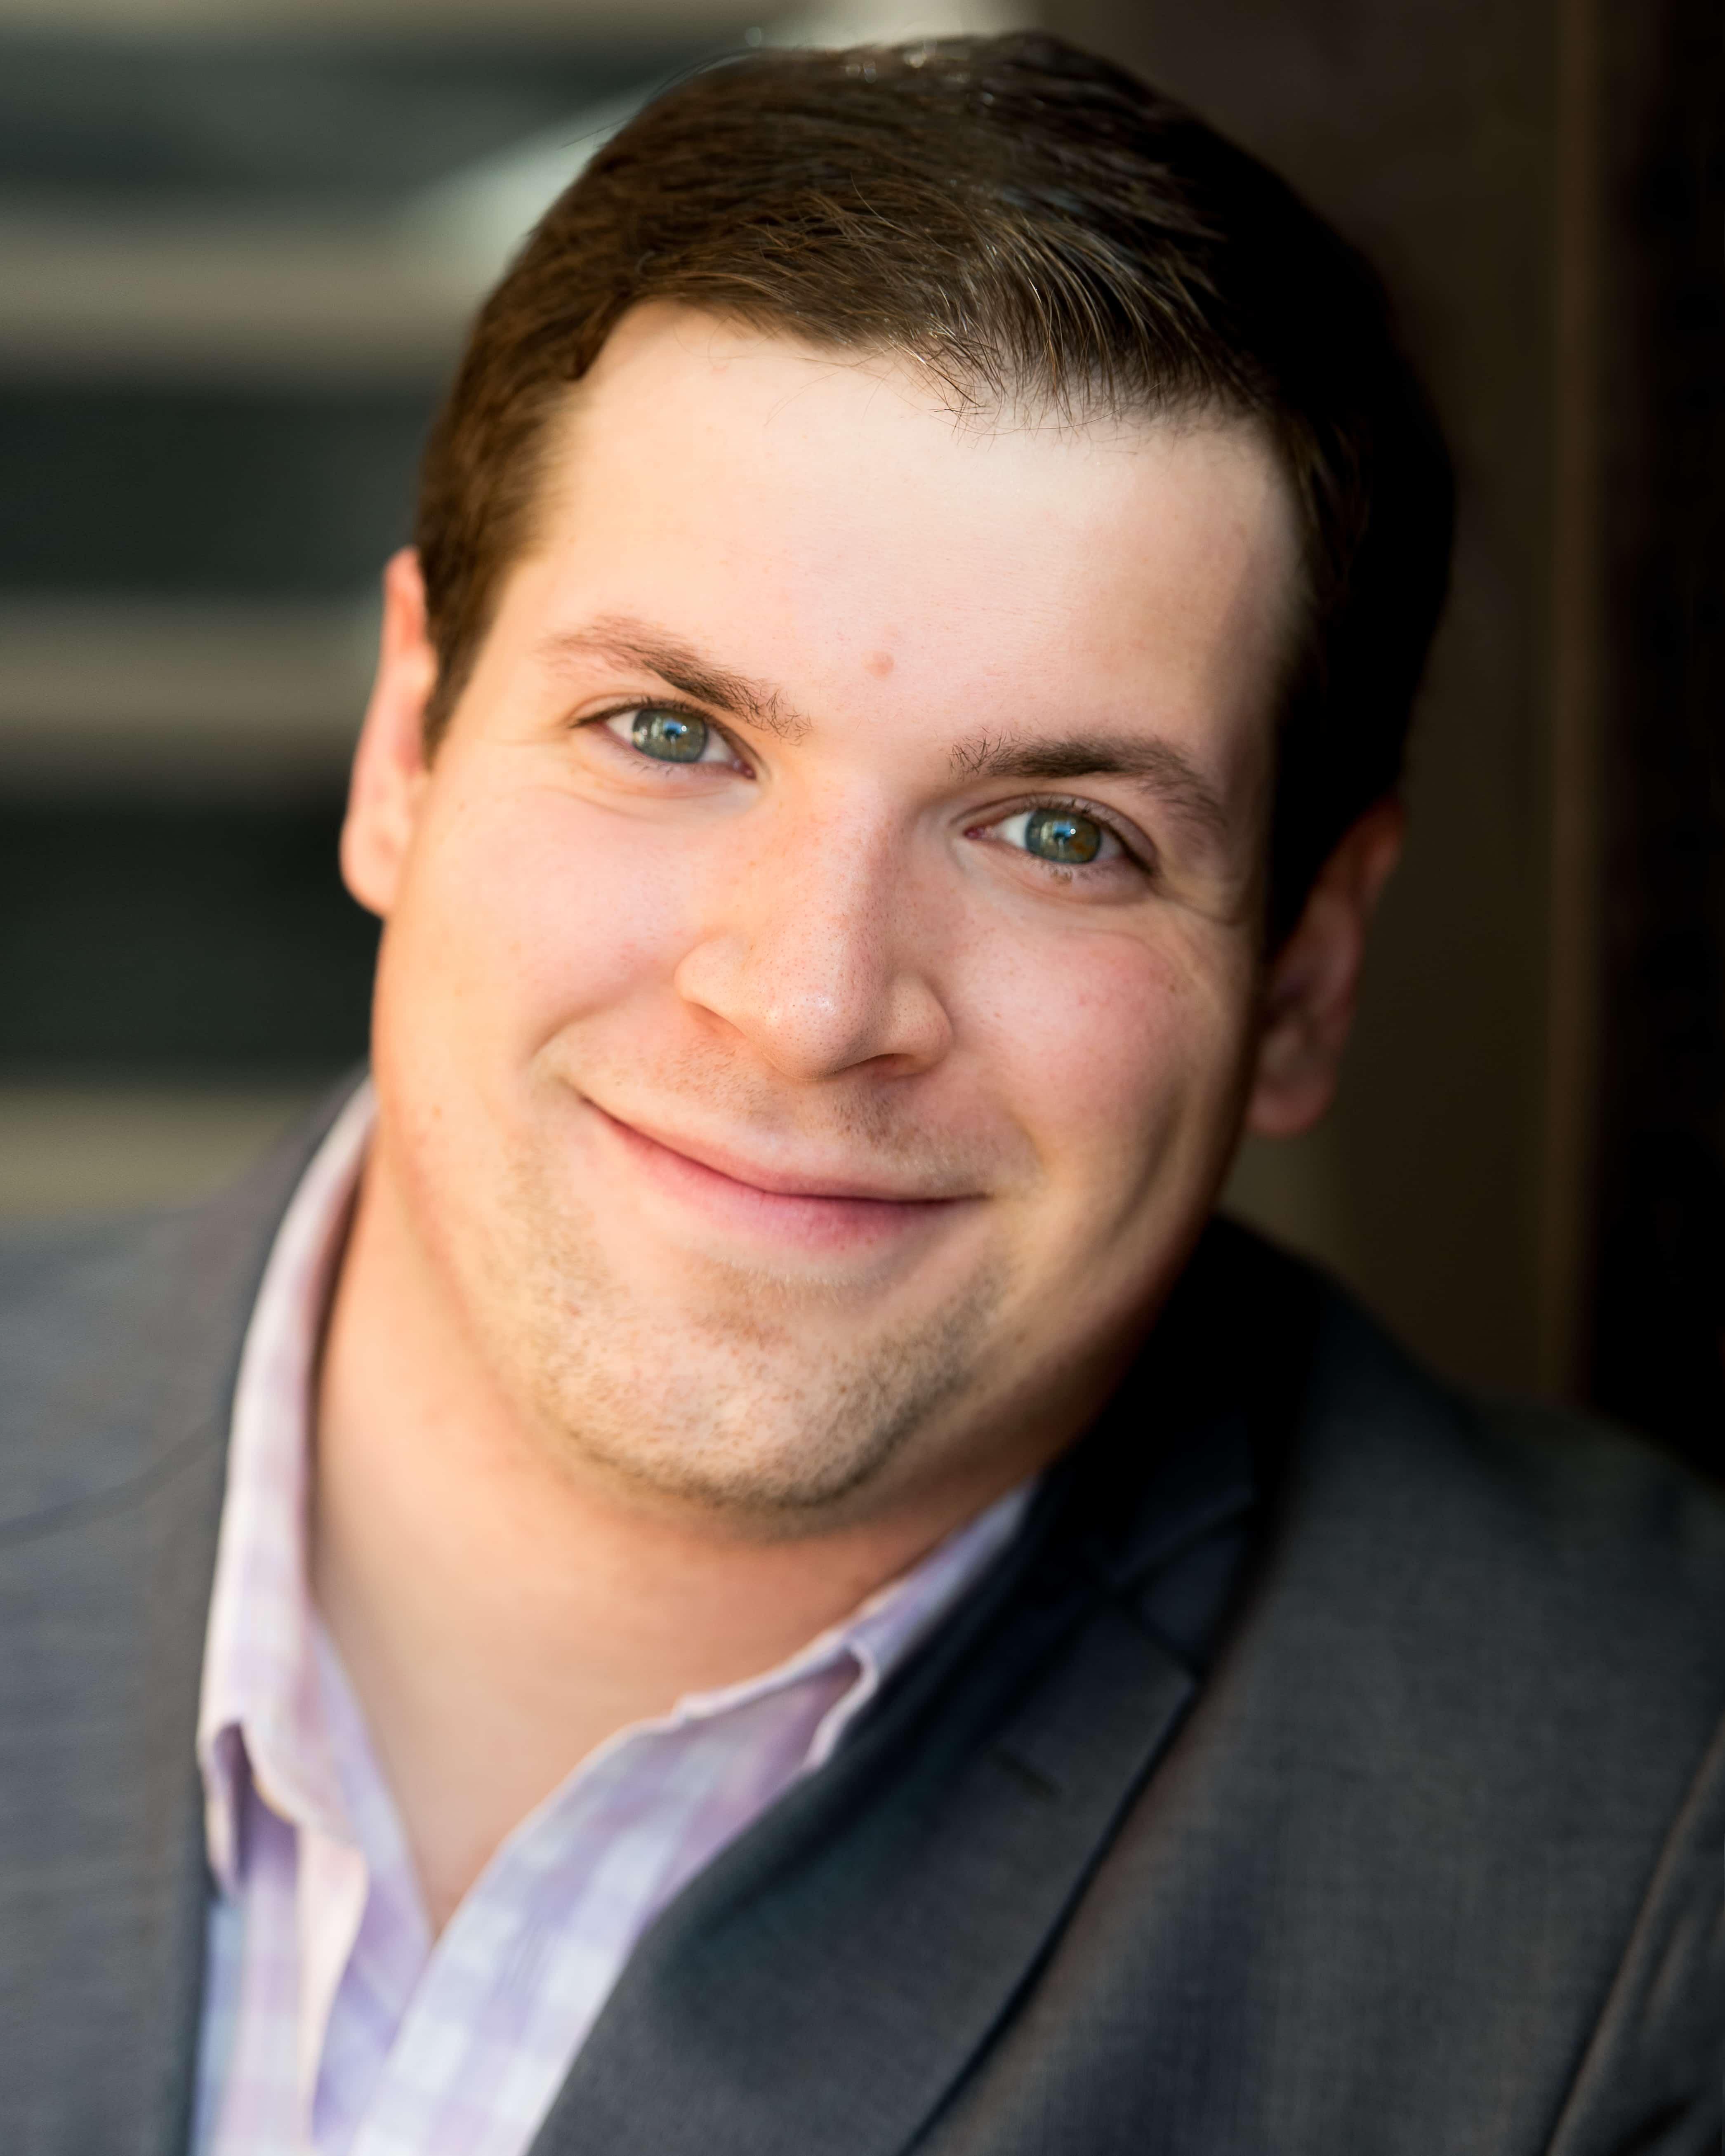 Zach Crowle Headshot